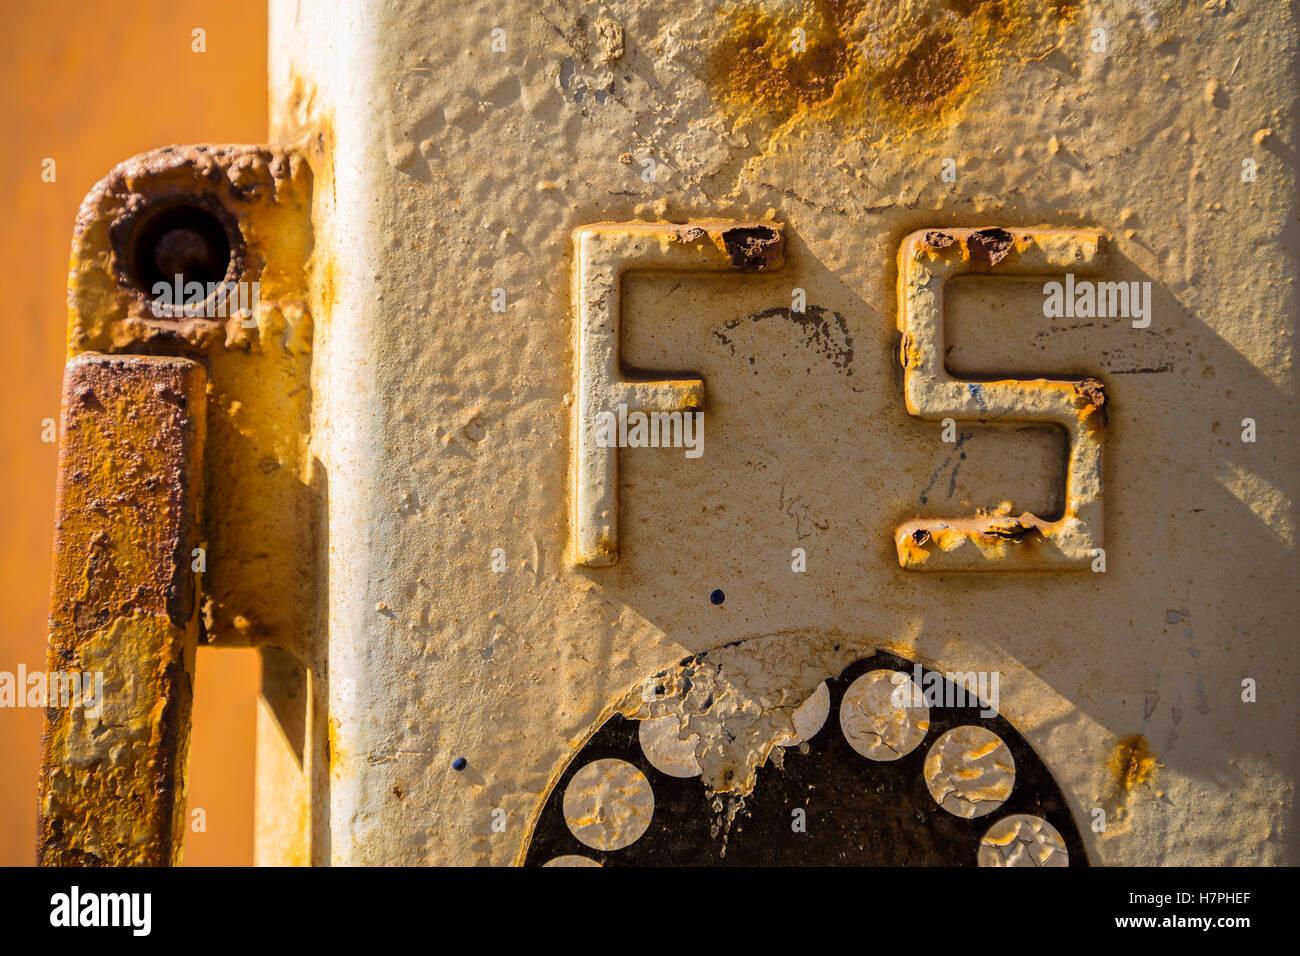 Telefono di emergenza stazione ferroviaria di Vernazza, Riviera de Levanto, villaggio di pescatori e le Cinque Terre. Immagini Stock